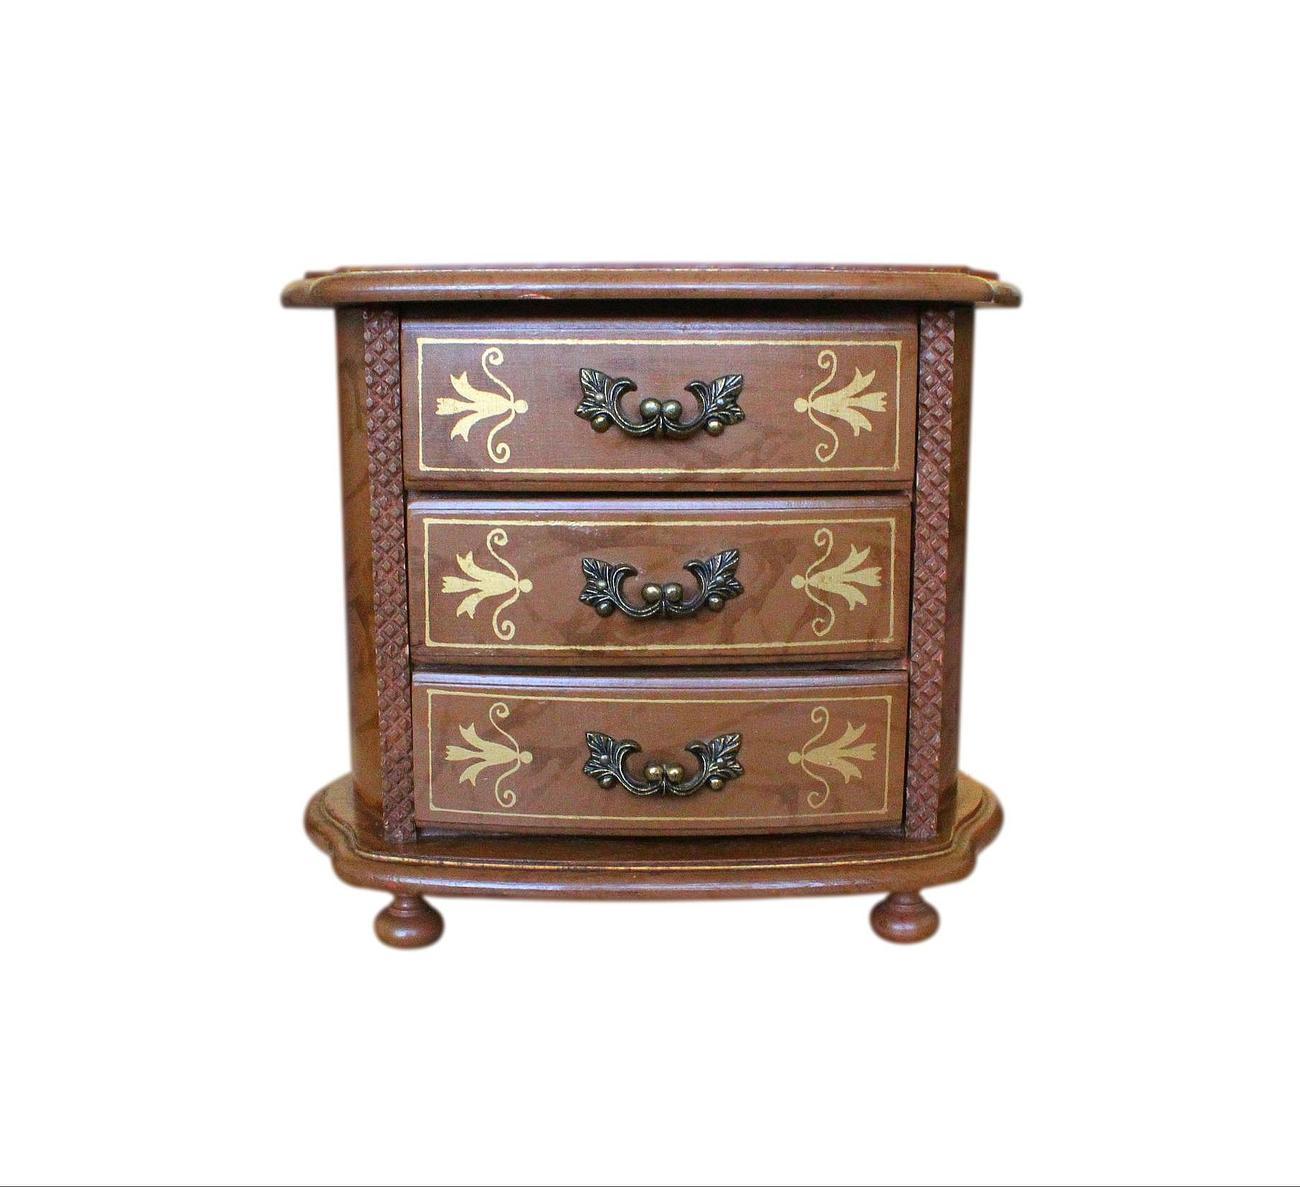 Vintage_Drawered_Jewellery_Box_2.jpg